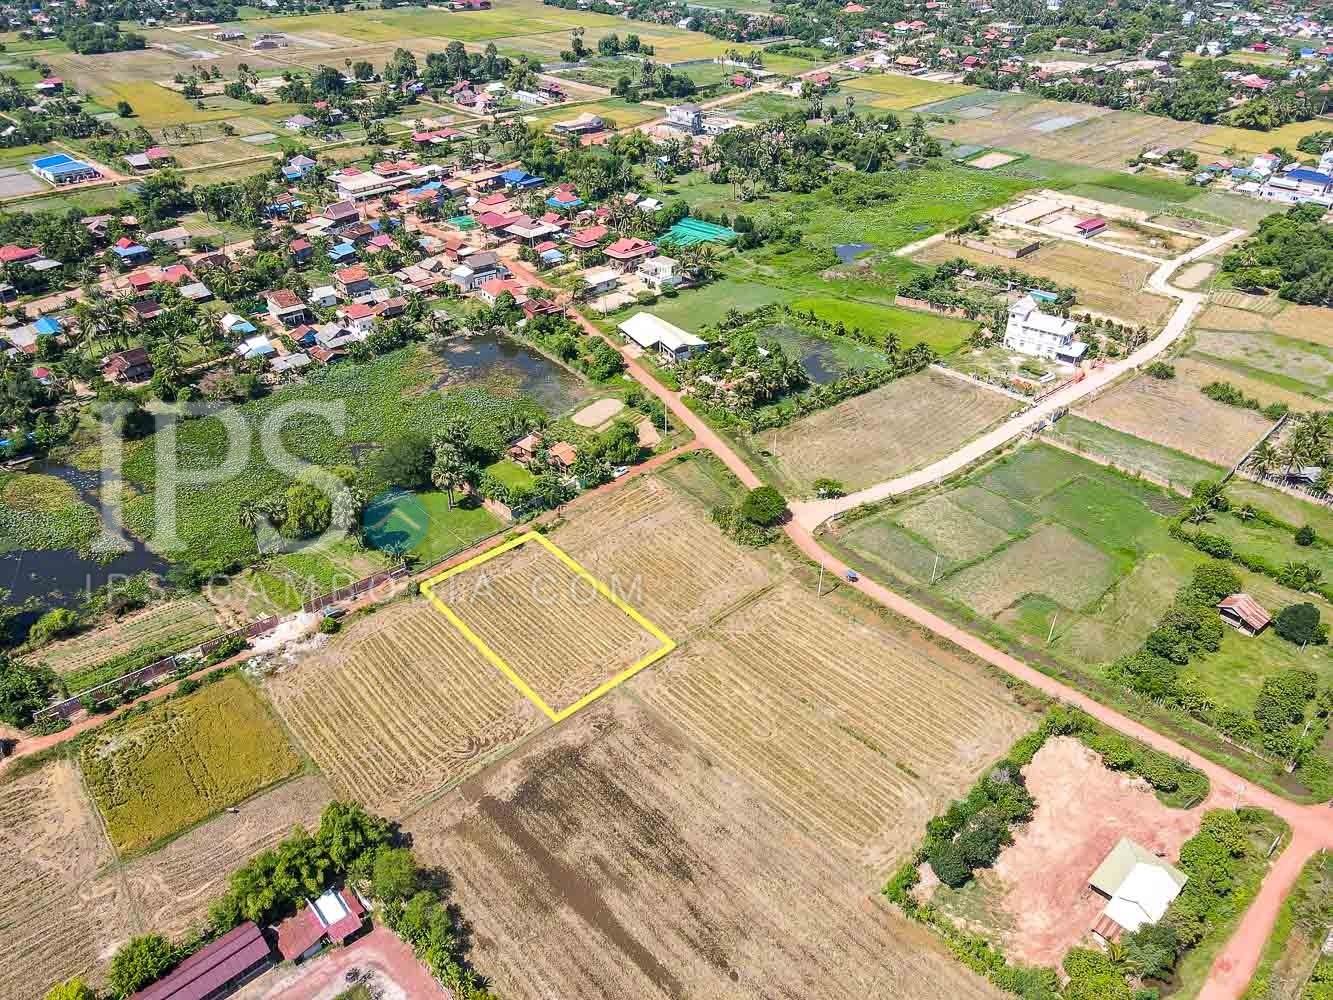 1371 Sqm Land For Sale - Chreav, Siem Reap